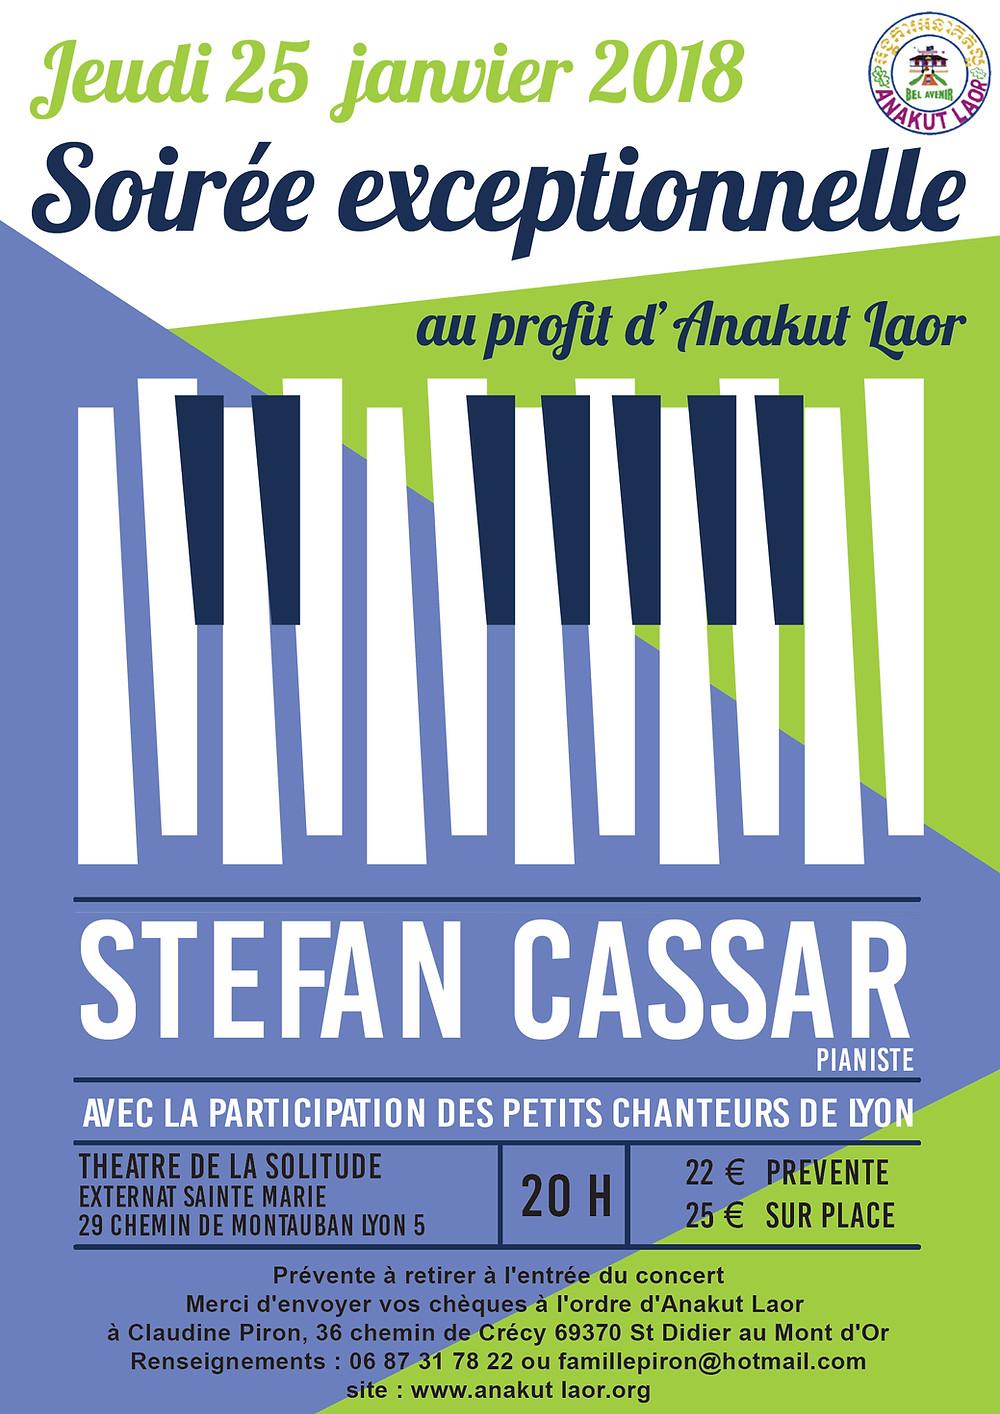 les Petits Chanteurs de Lyon prêteront leur voix en chantant Mozart et Gounod, et Stefan Cassar, pianiste, jouera Chopin, Beethoven et Ravel.